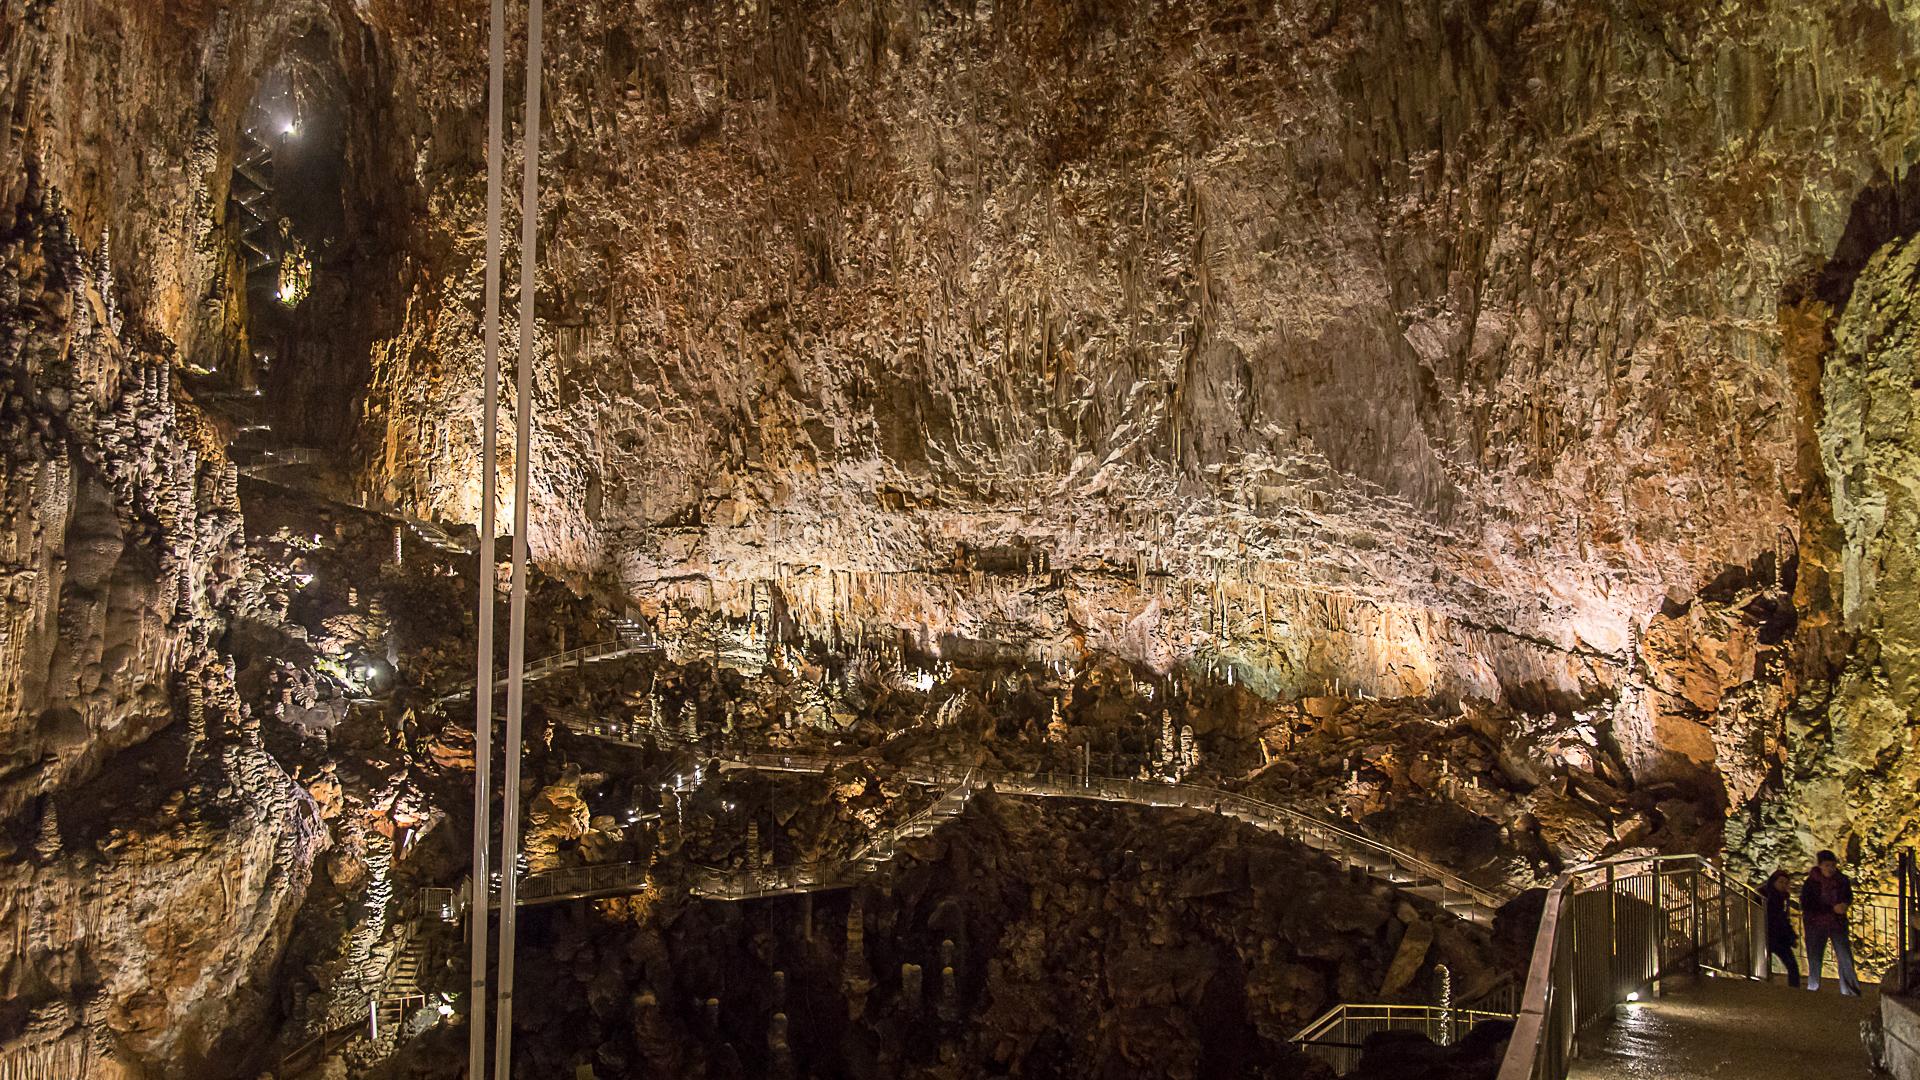 Die Stege in der Höhle und die Schläuche mit den Pendeln